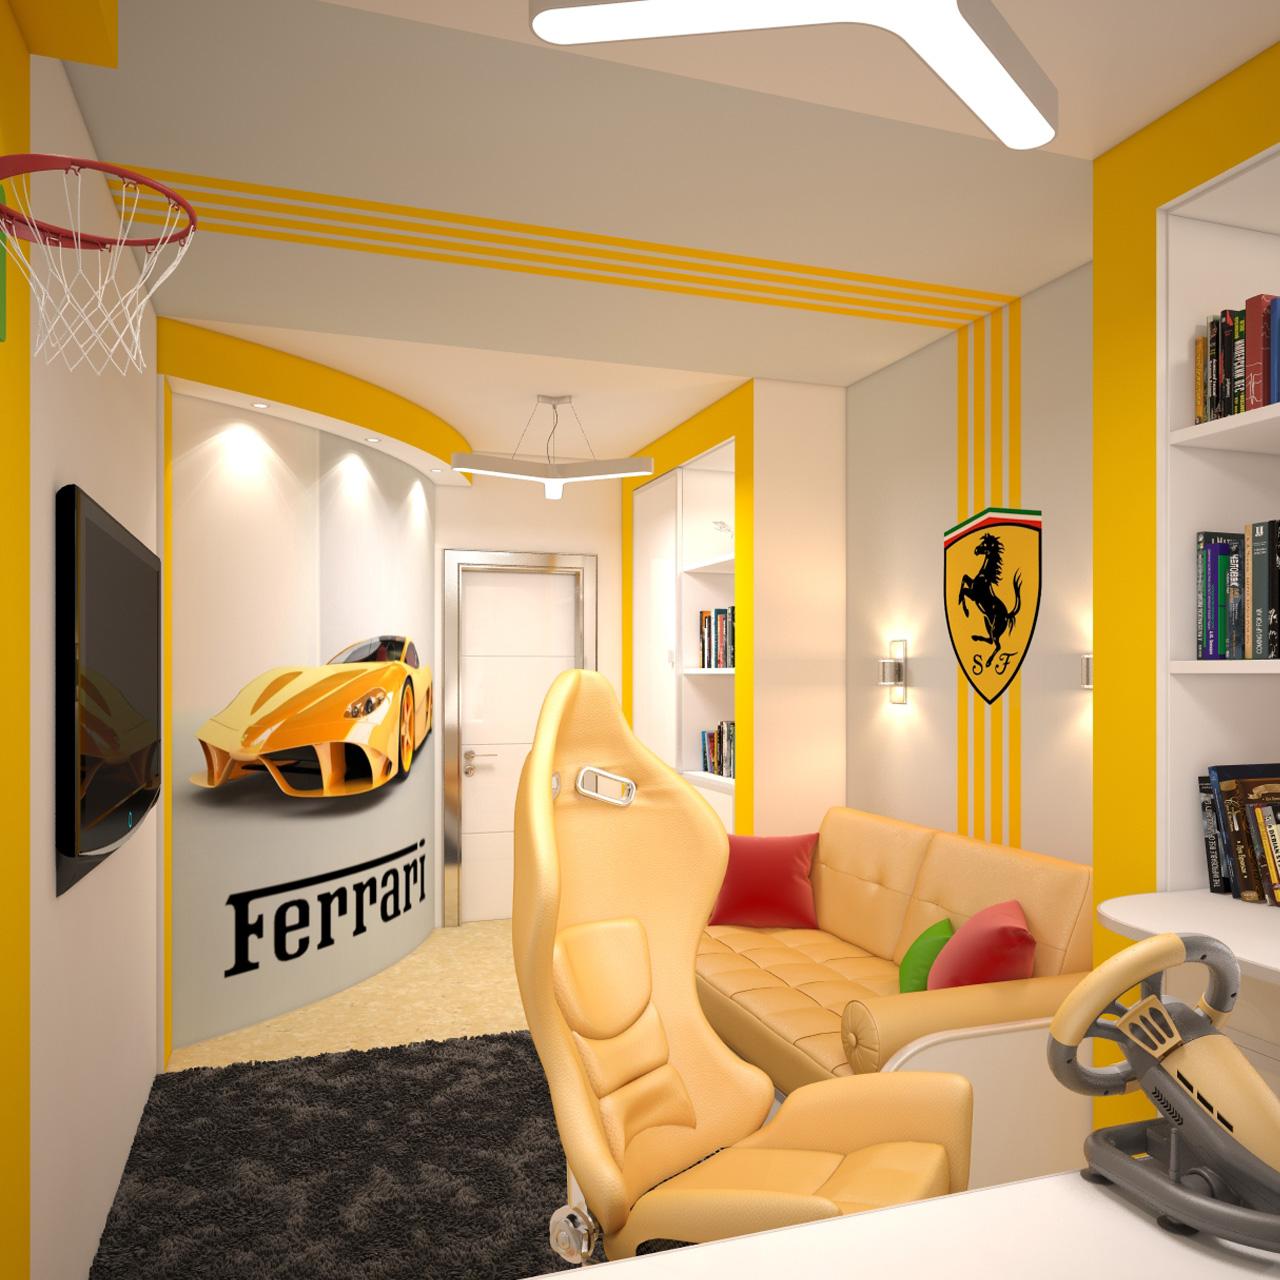 Комната для любителя Феррари